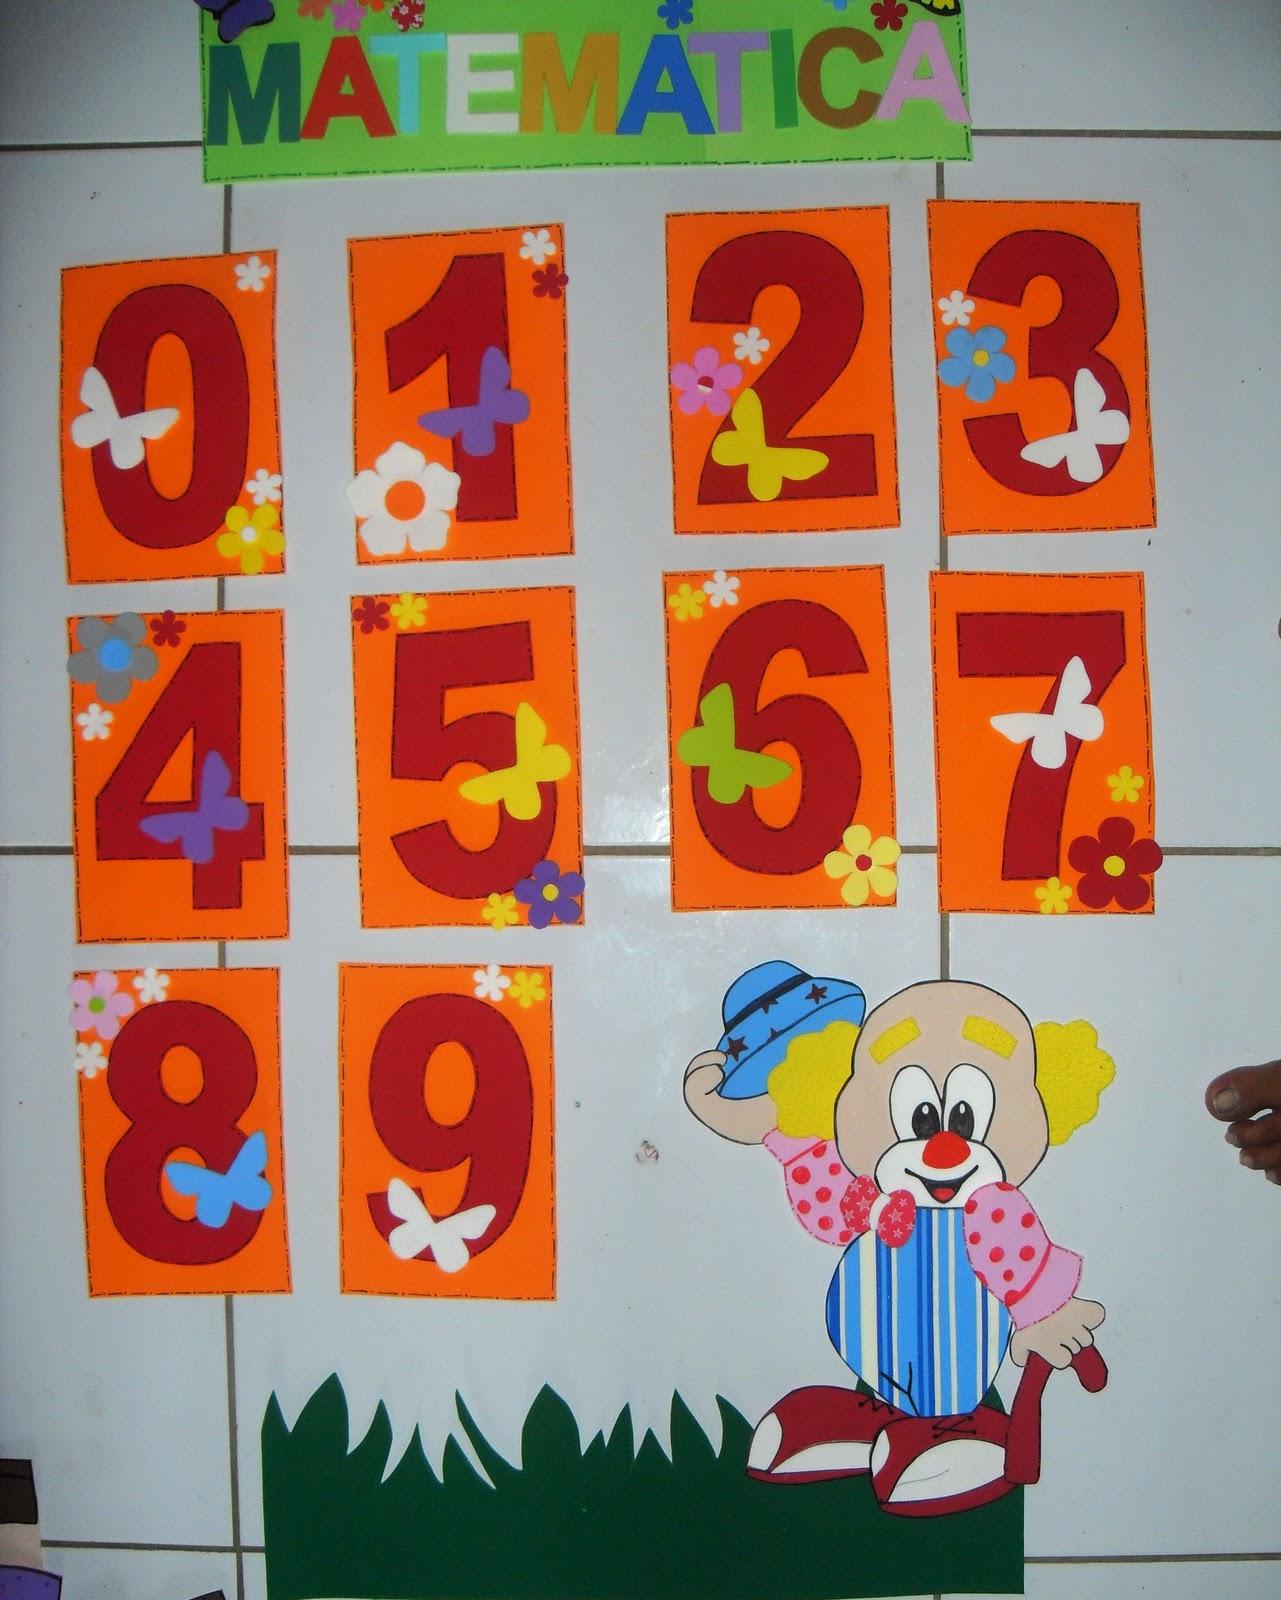 decoracao de sala aula em eva : decoracao de sala aula em eva:Deanny Arts & Festas: Decoração de sala de aula em eva